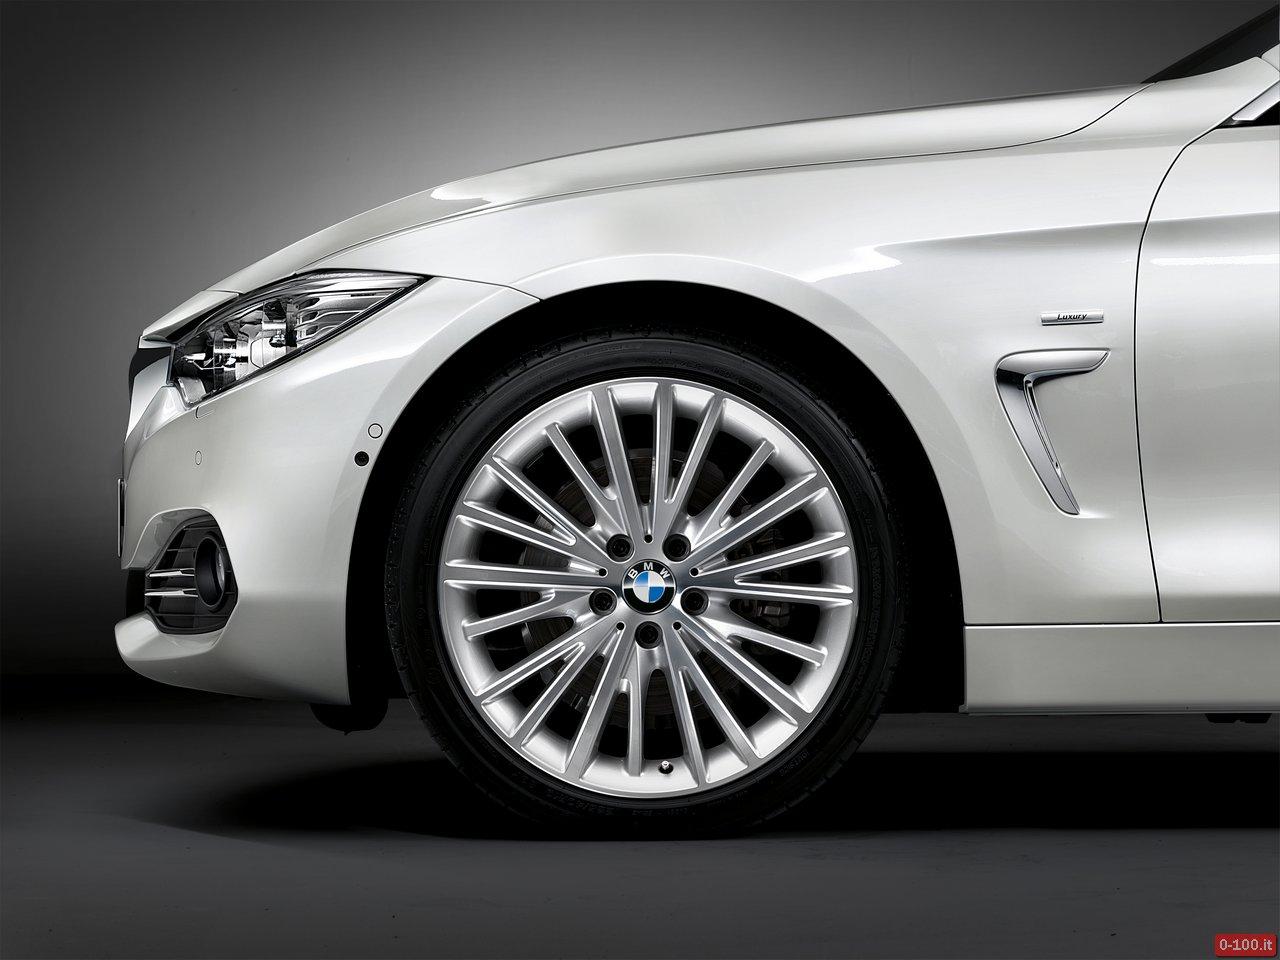 BMW-serie-4-cabrio-420d-428i-435i-cabrio_48